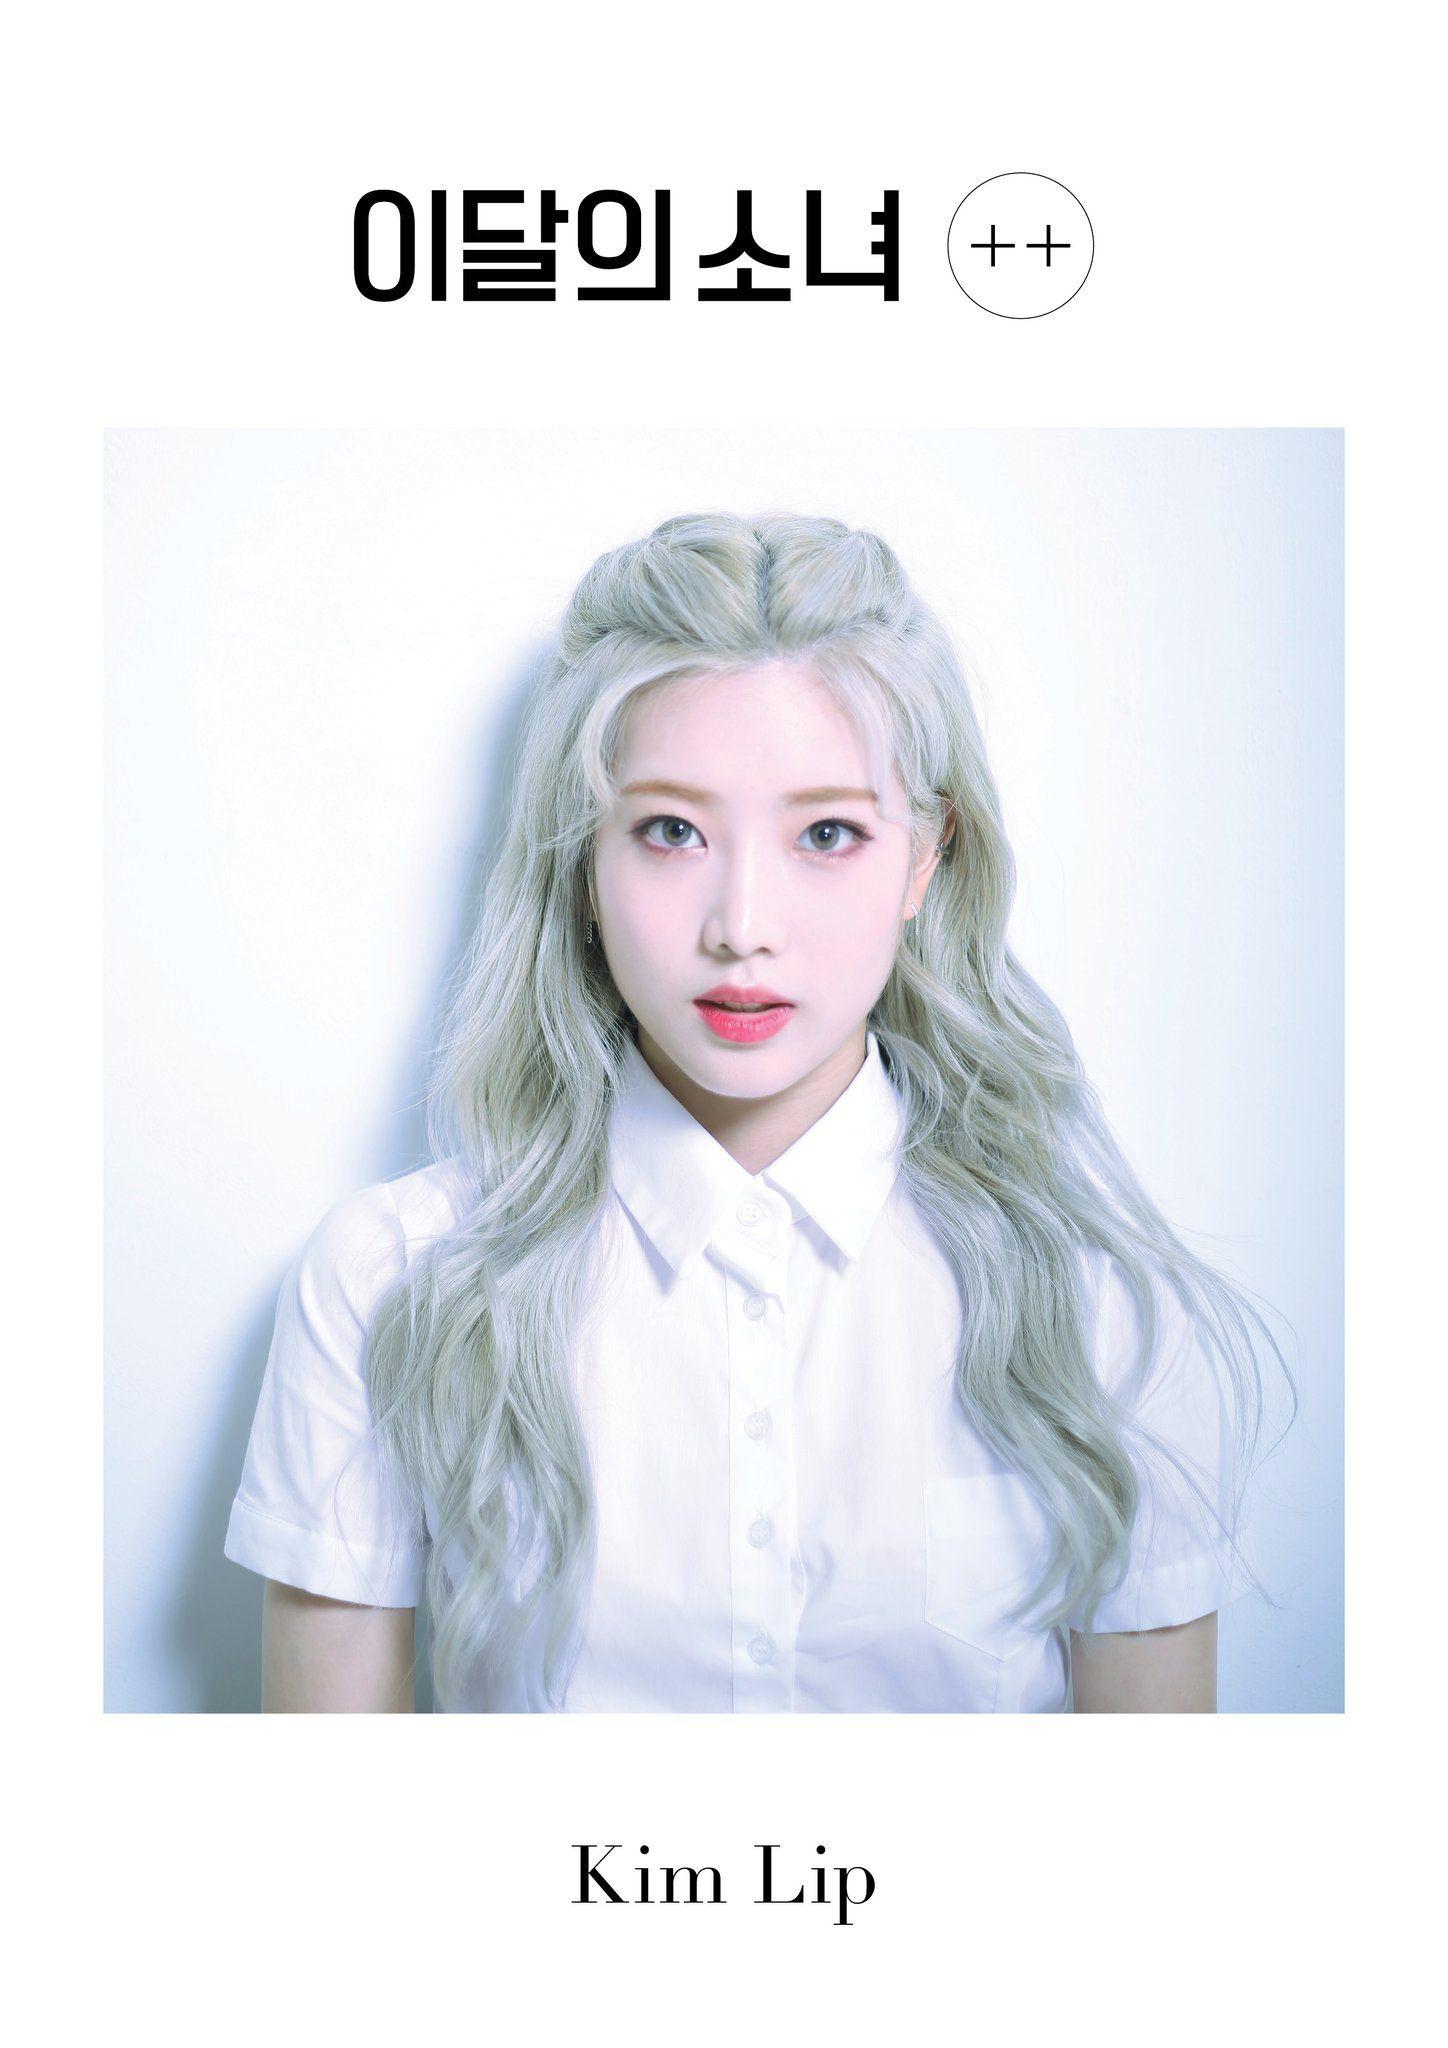 Korean Girl Names That Start With K